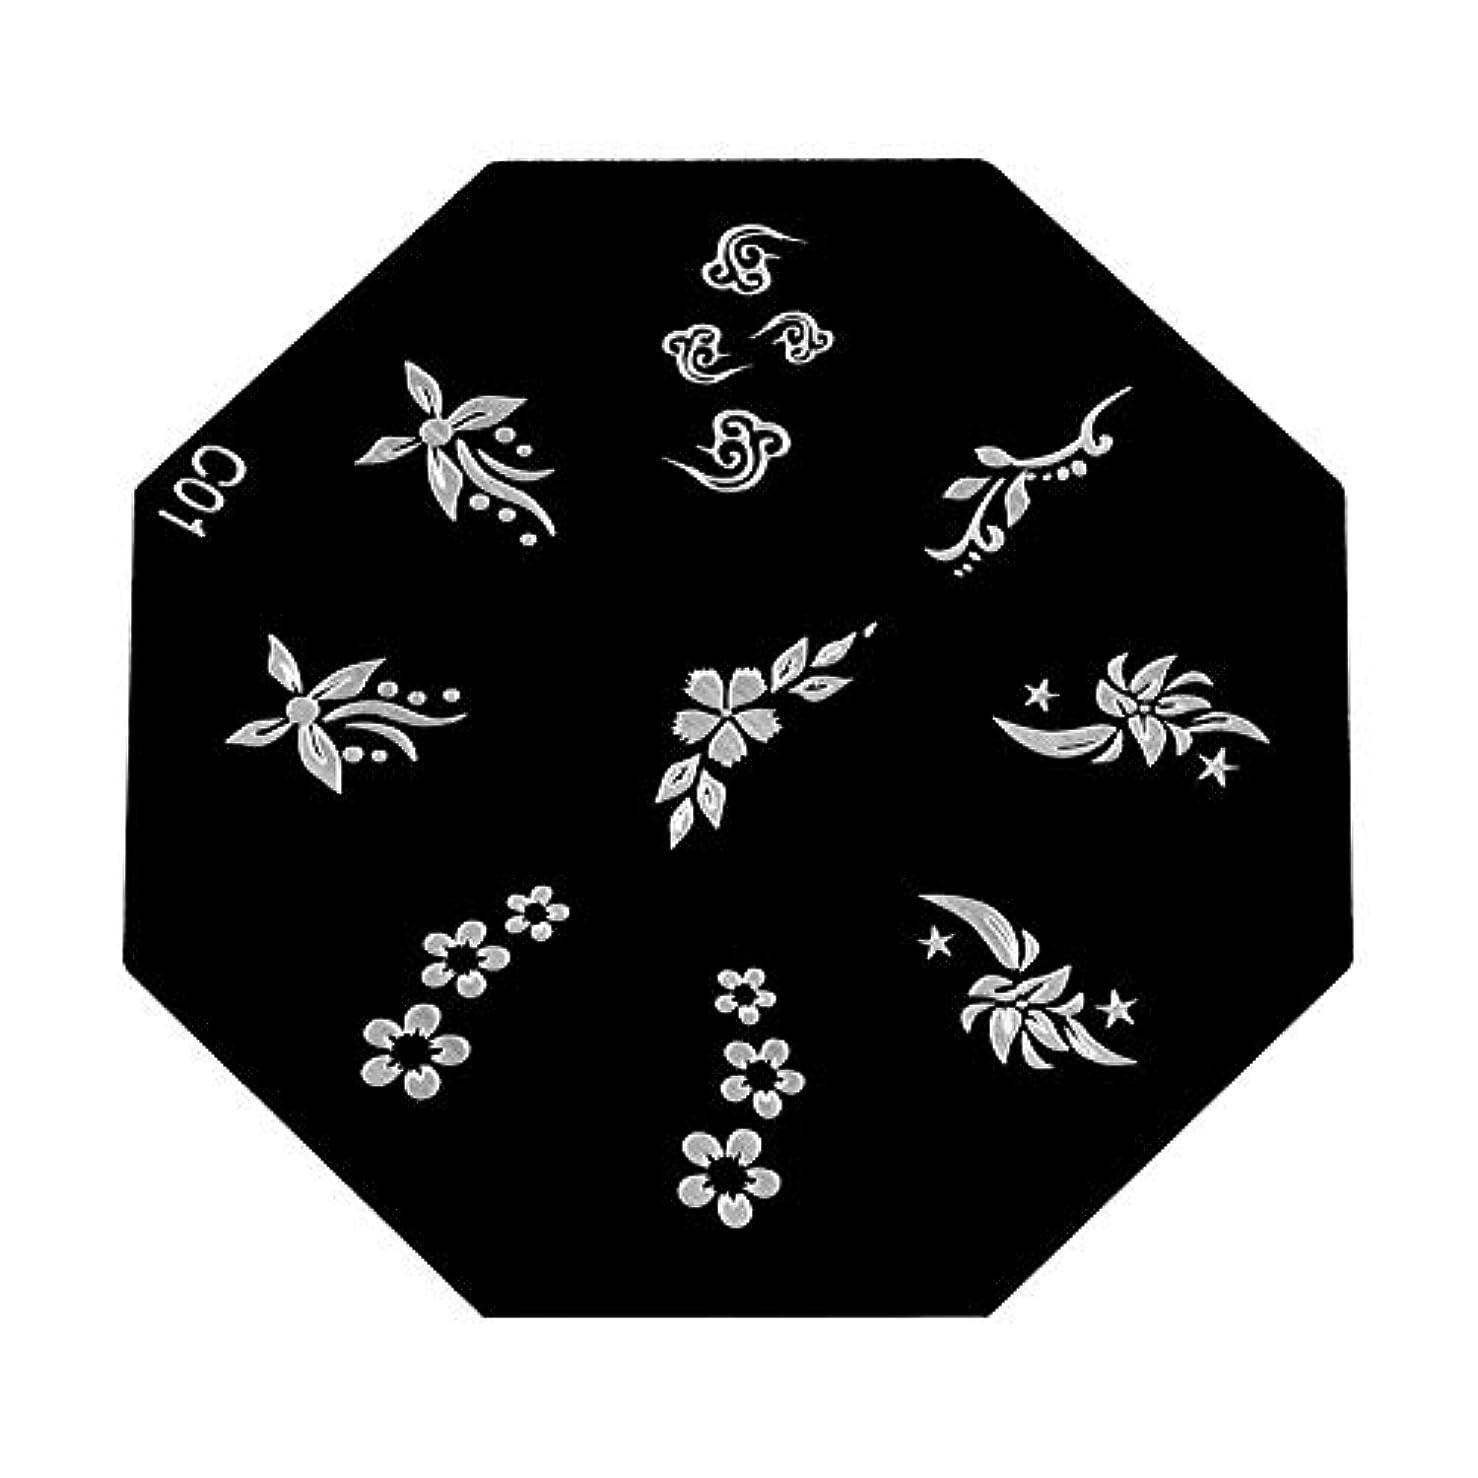 手当傾くブロンズYuyte 6種類のポータブル高品質ネイルアートスタンピングプレート-DIYマニキュア印刷イメージテンプレート(05)